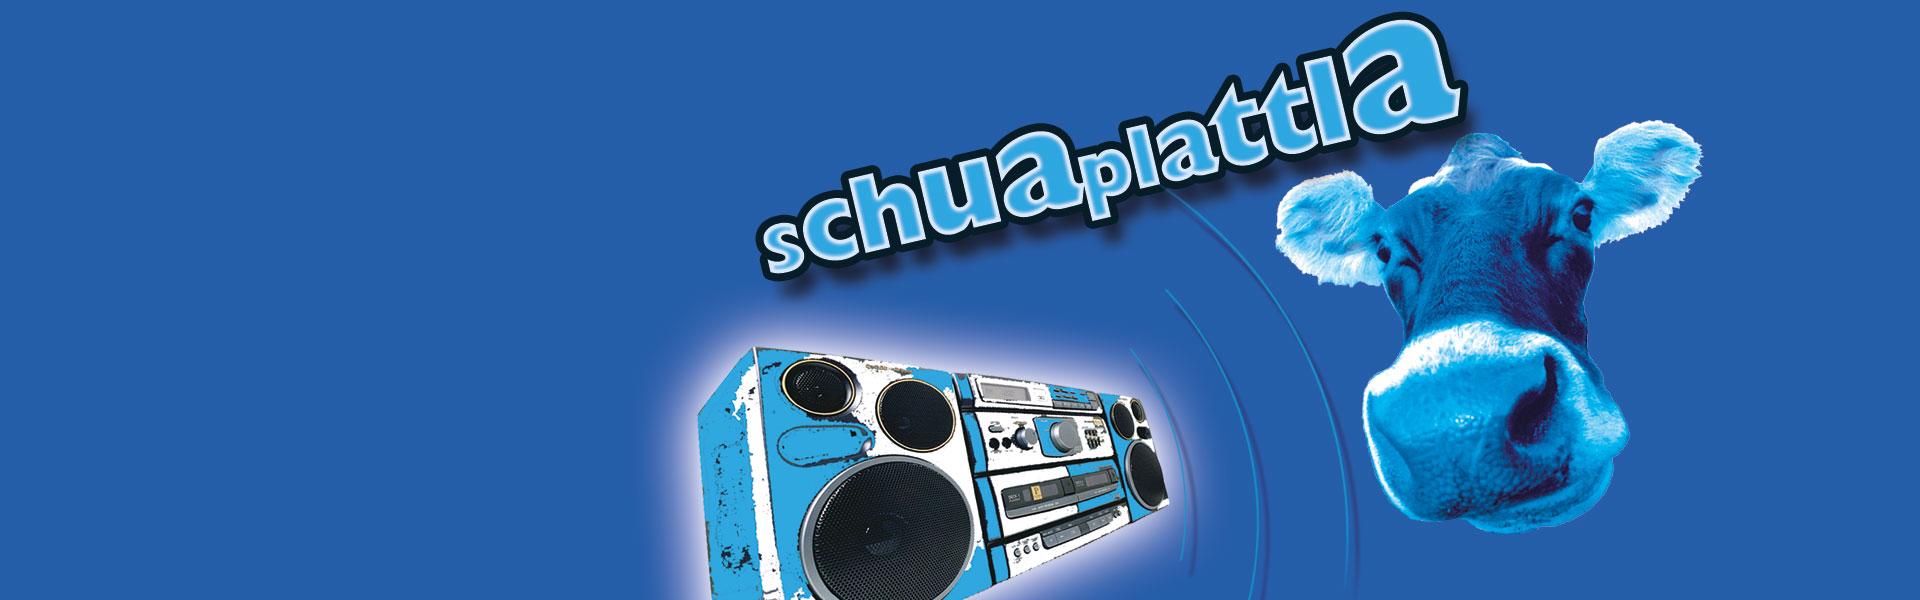 schuaplattla-slider